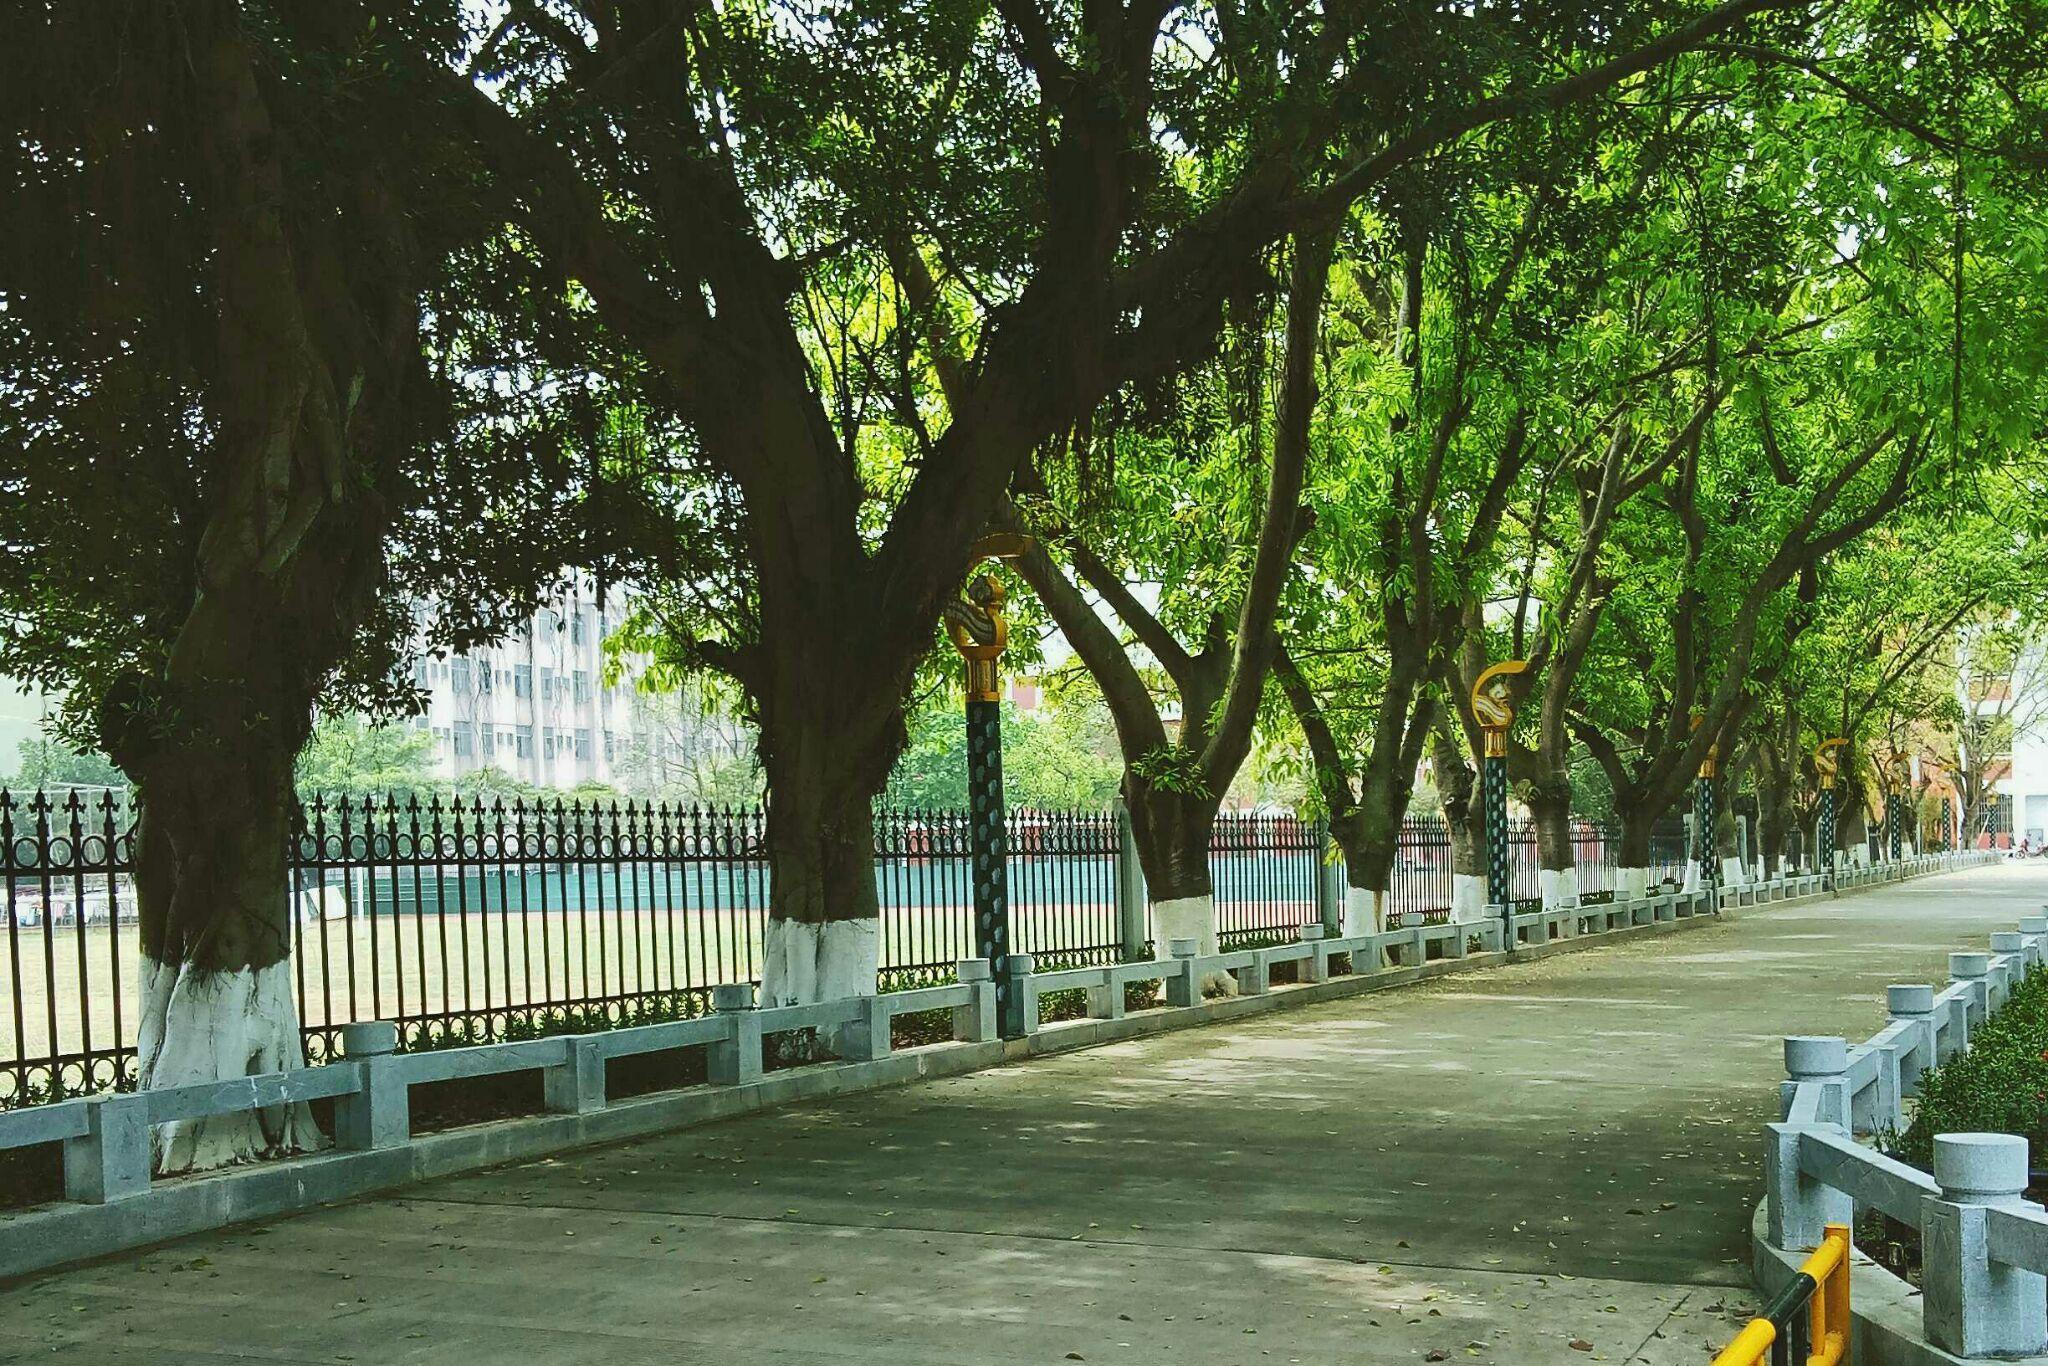 中国各地高中生的v最好有区别?-泱泱的回塘沽最好高中排名图片